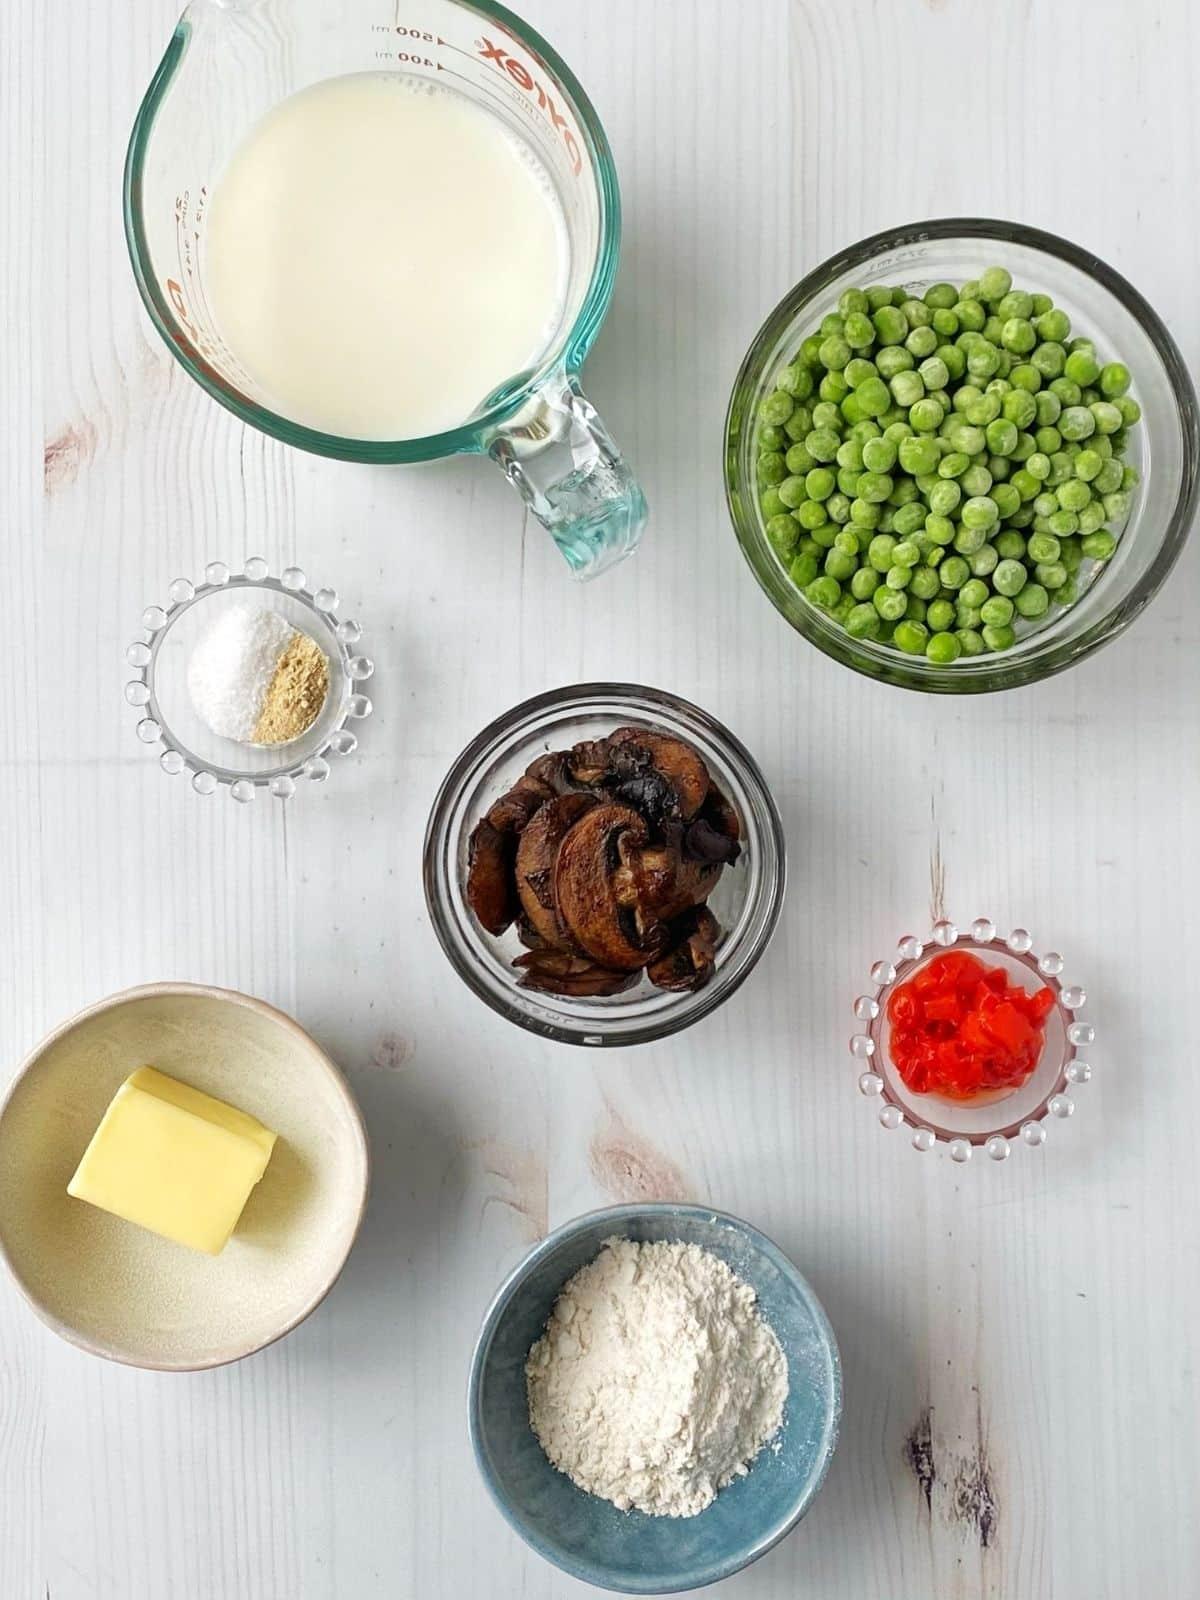 cream sauce ingredients - milk, flour, butter, peas, mushrooms, pimientos